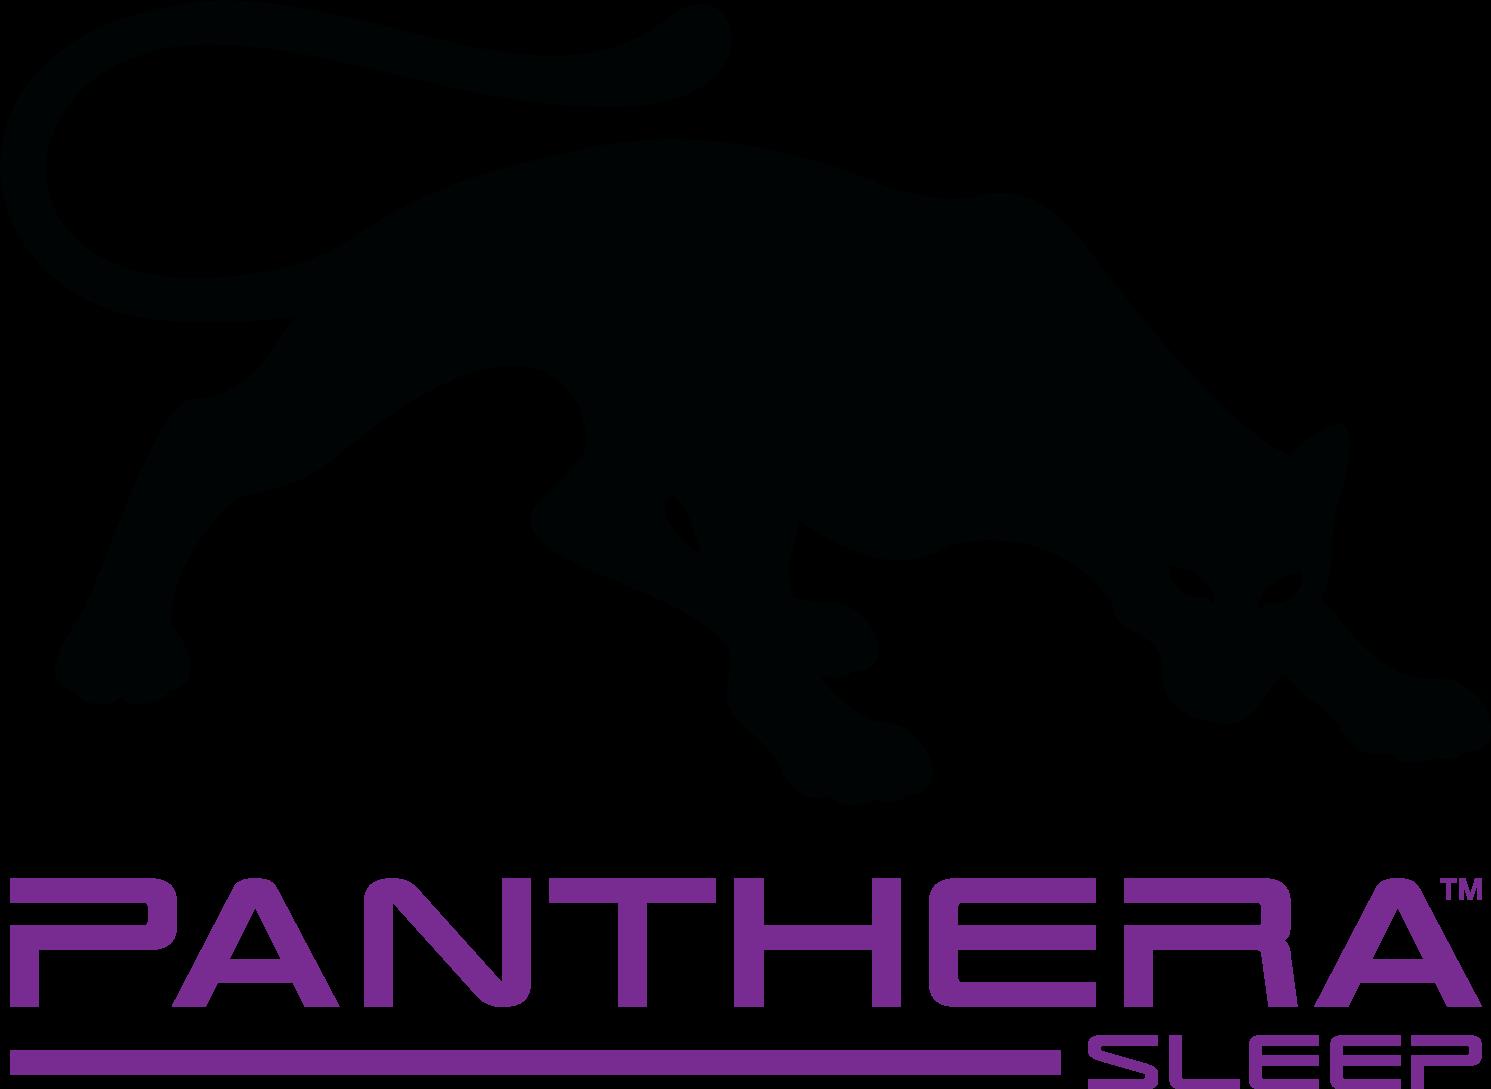 logo panthera sleep (1)